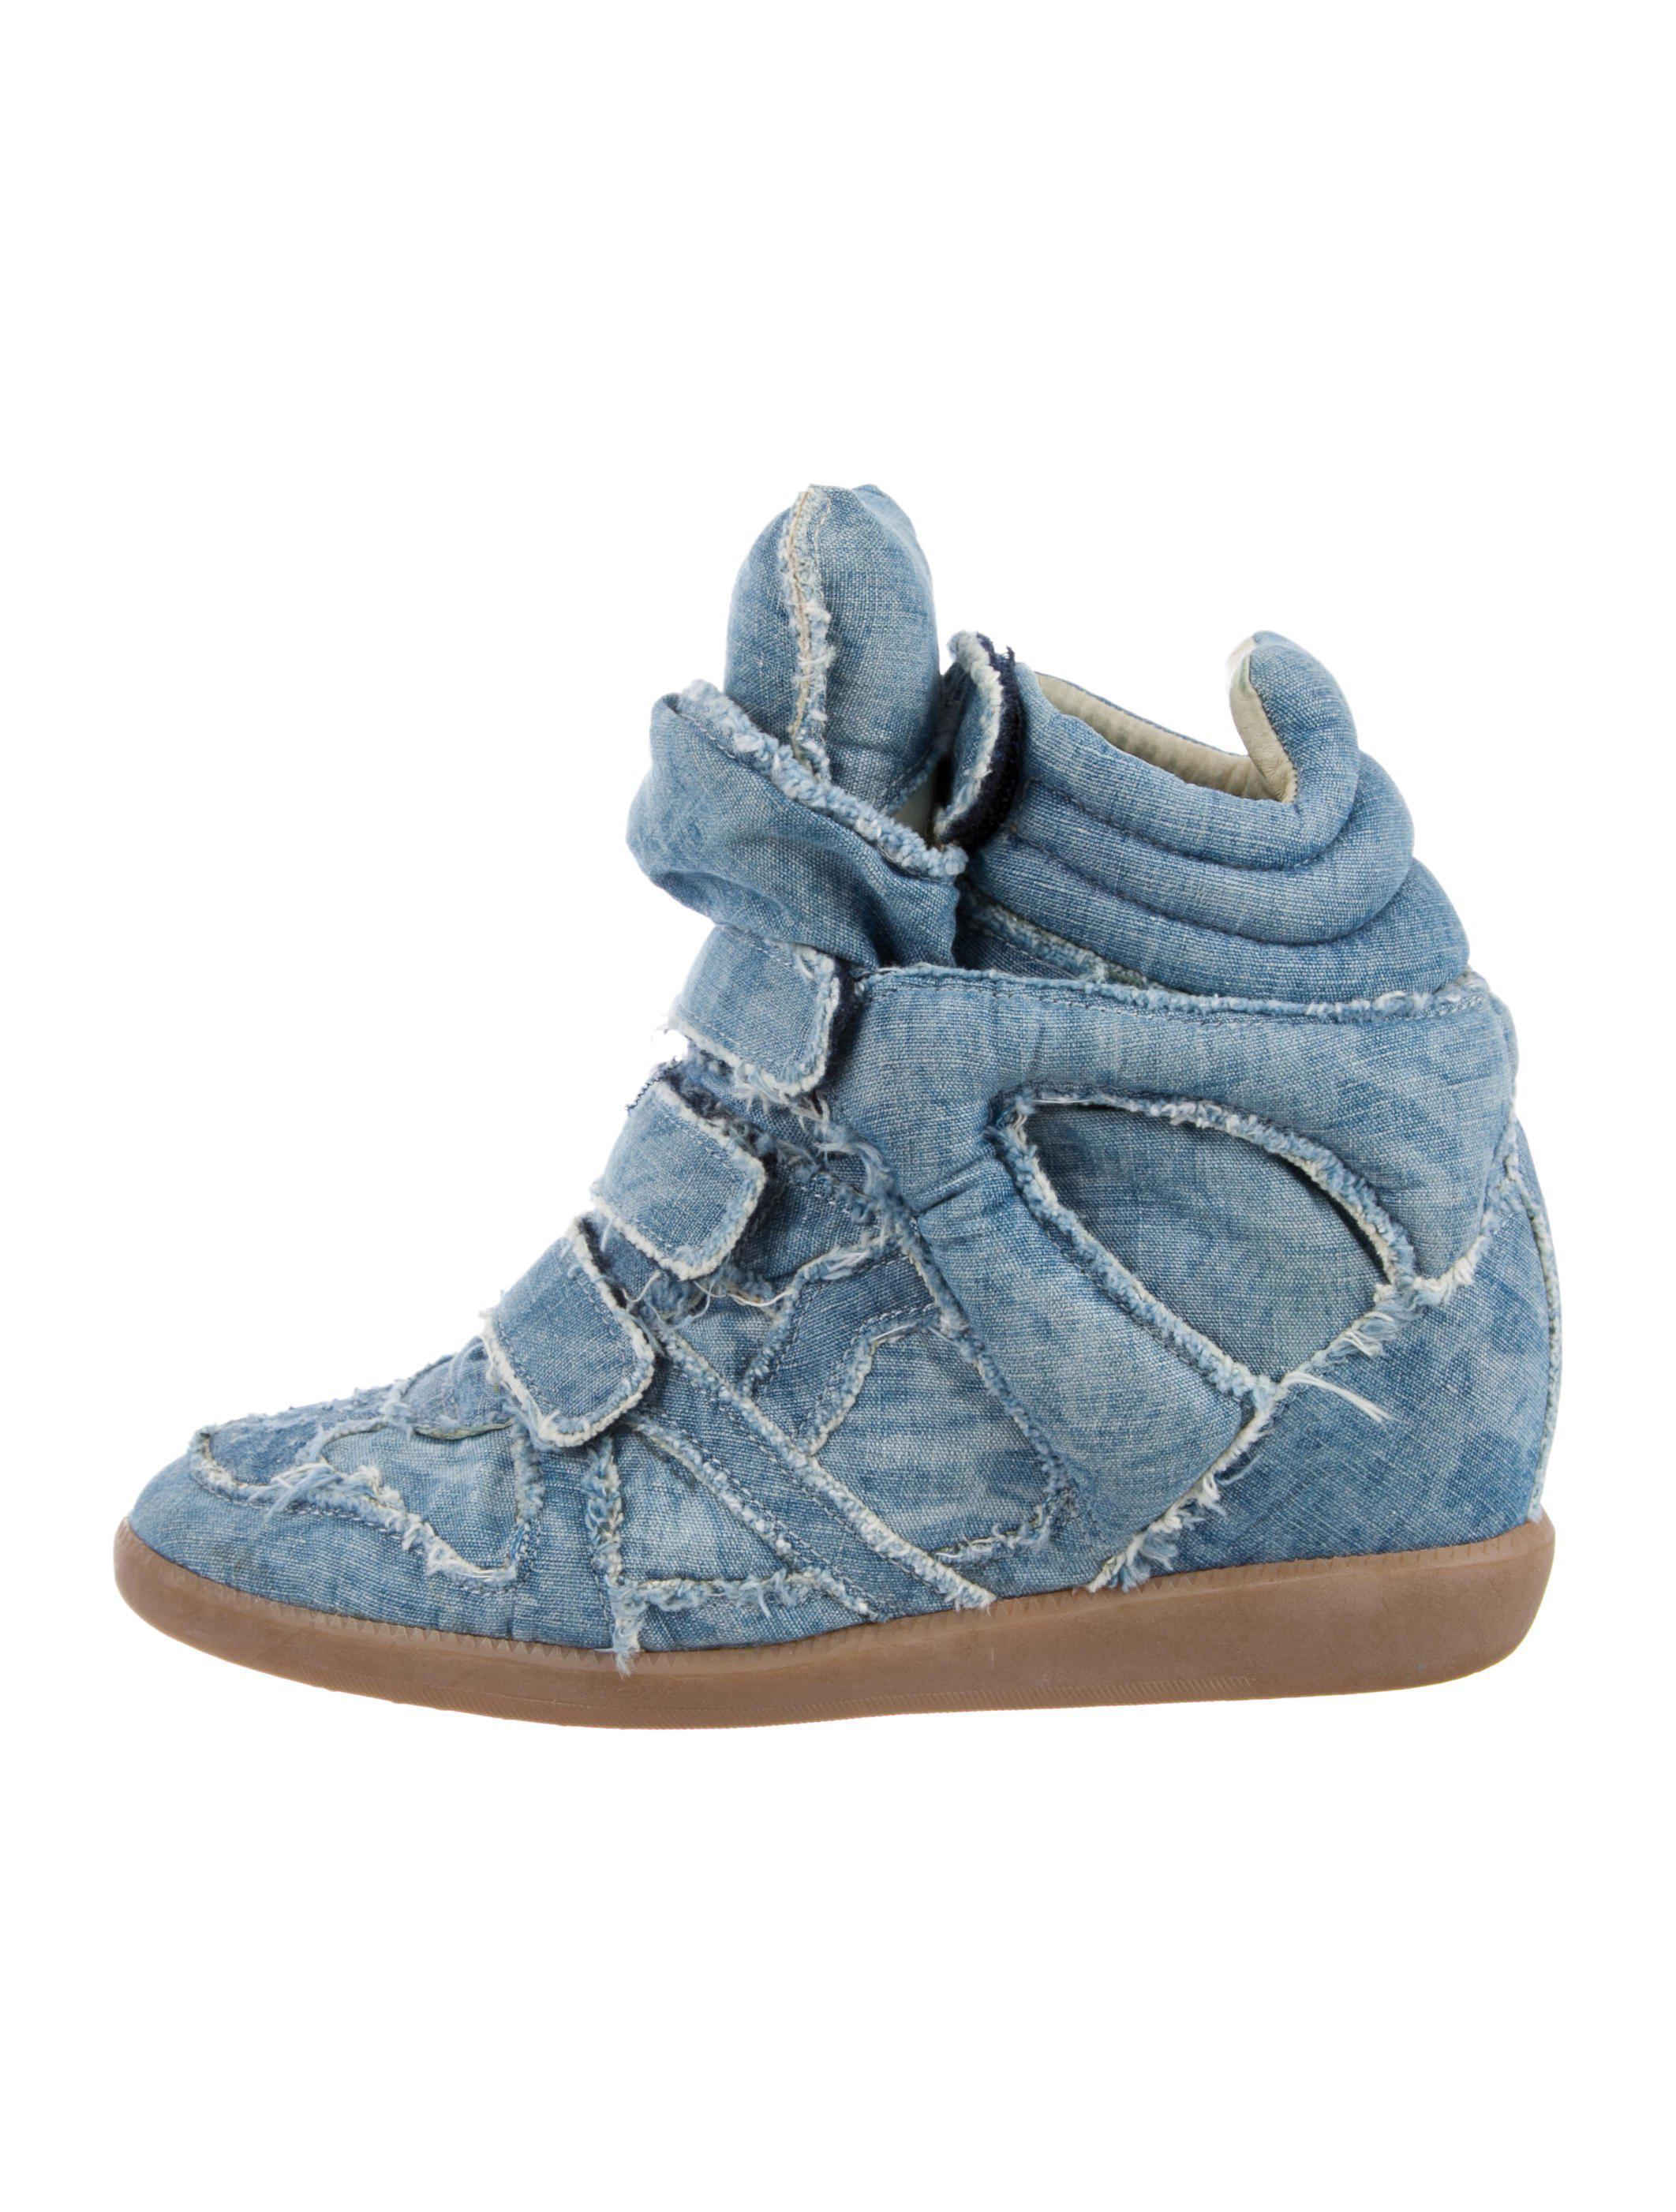 Isabel Marant Denim Basket Wedge Sneakers discount footlocker pictures hB72U4YfR